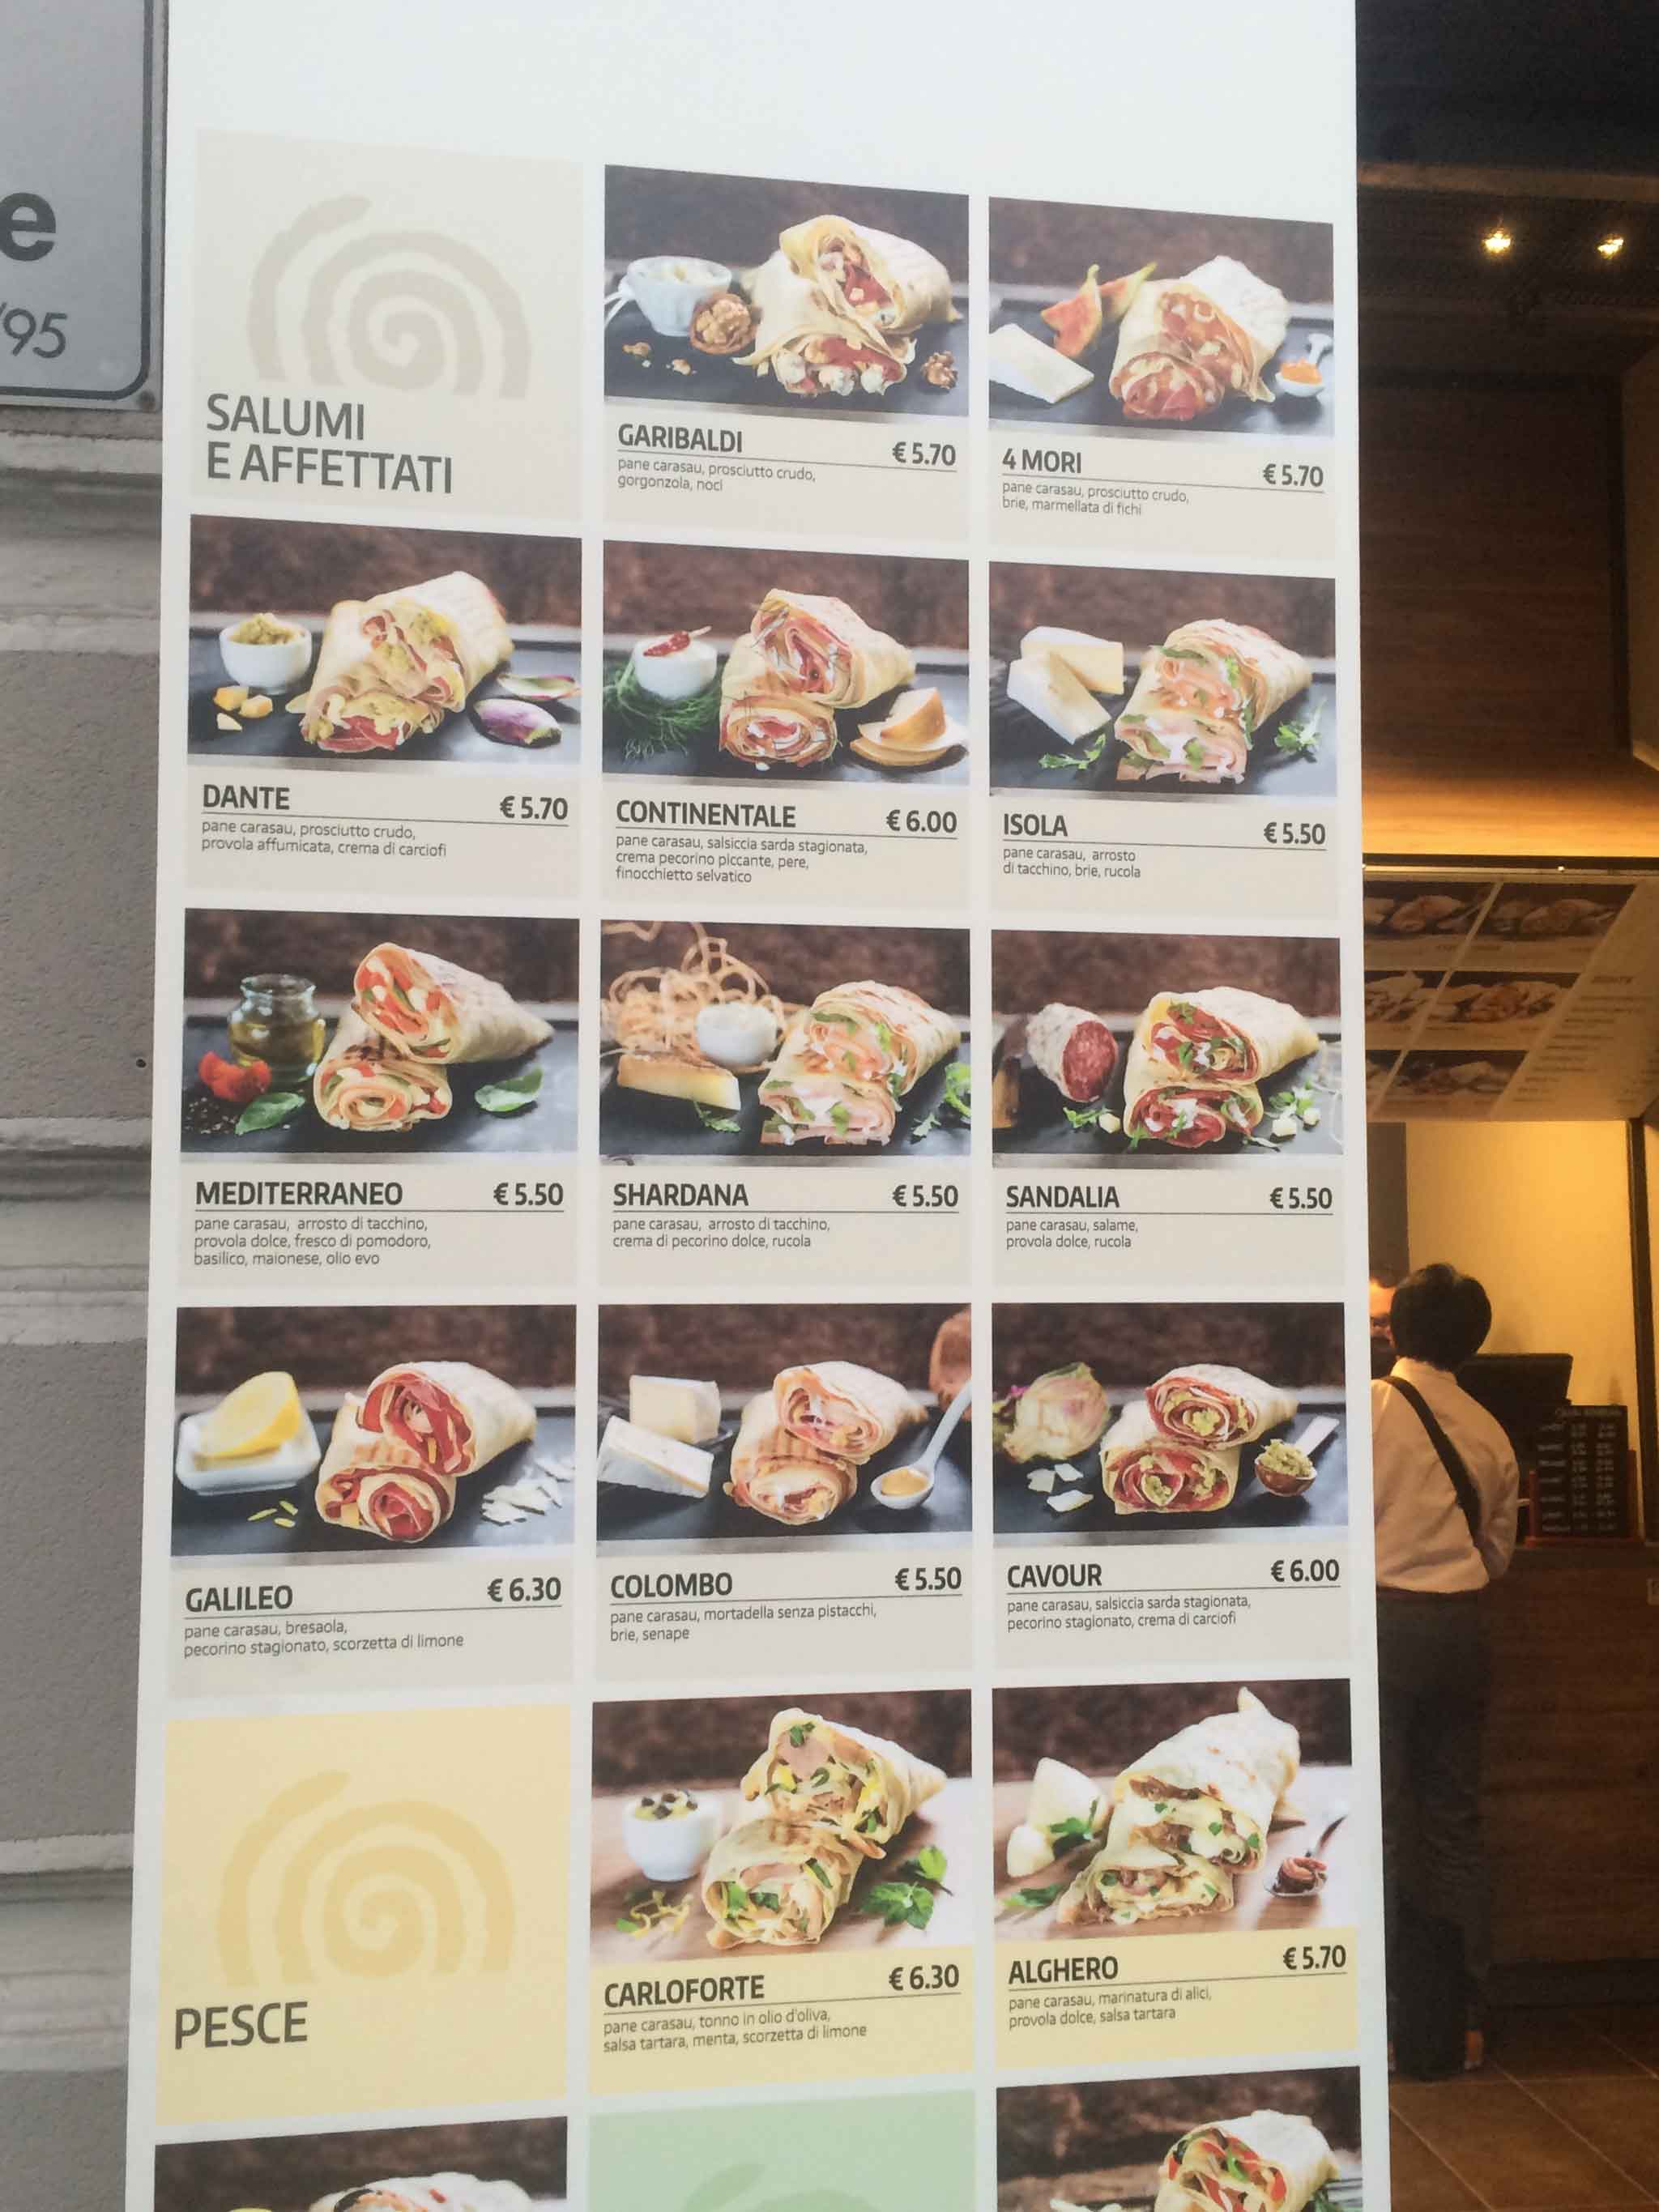 Milano. Lo Street Food Sardo Del Carasino Cioè Il Pane Carasau In  #C47807 2048 2731 Classifica Delle Migliori Cucine Regionali Italiane